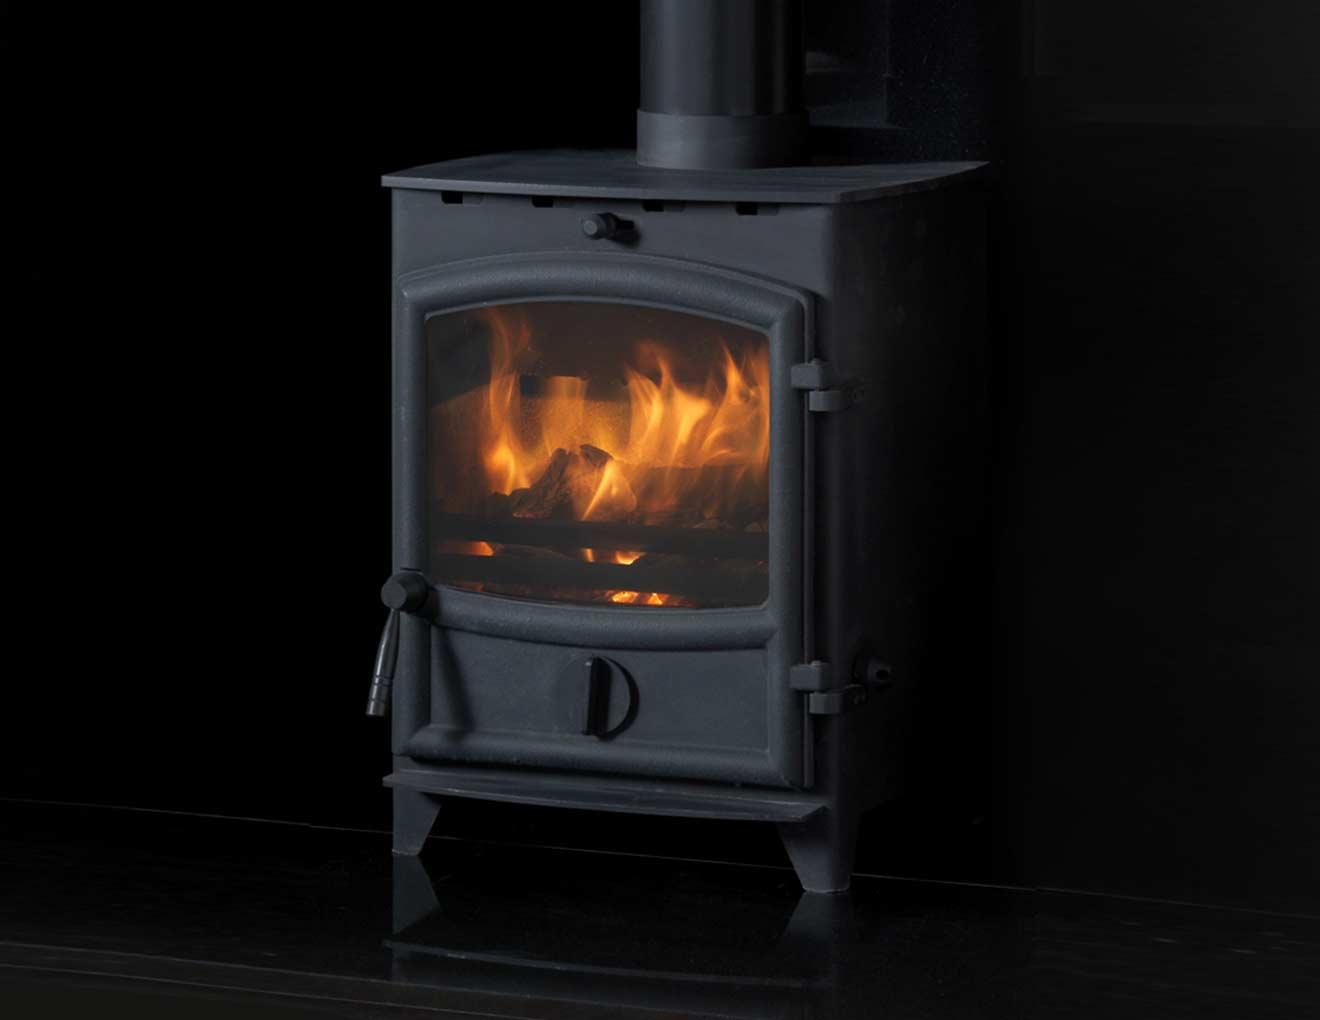 Fireline Steel Multi Fuel Stove Heat Design